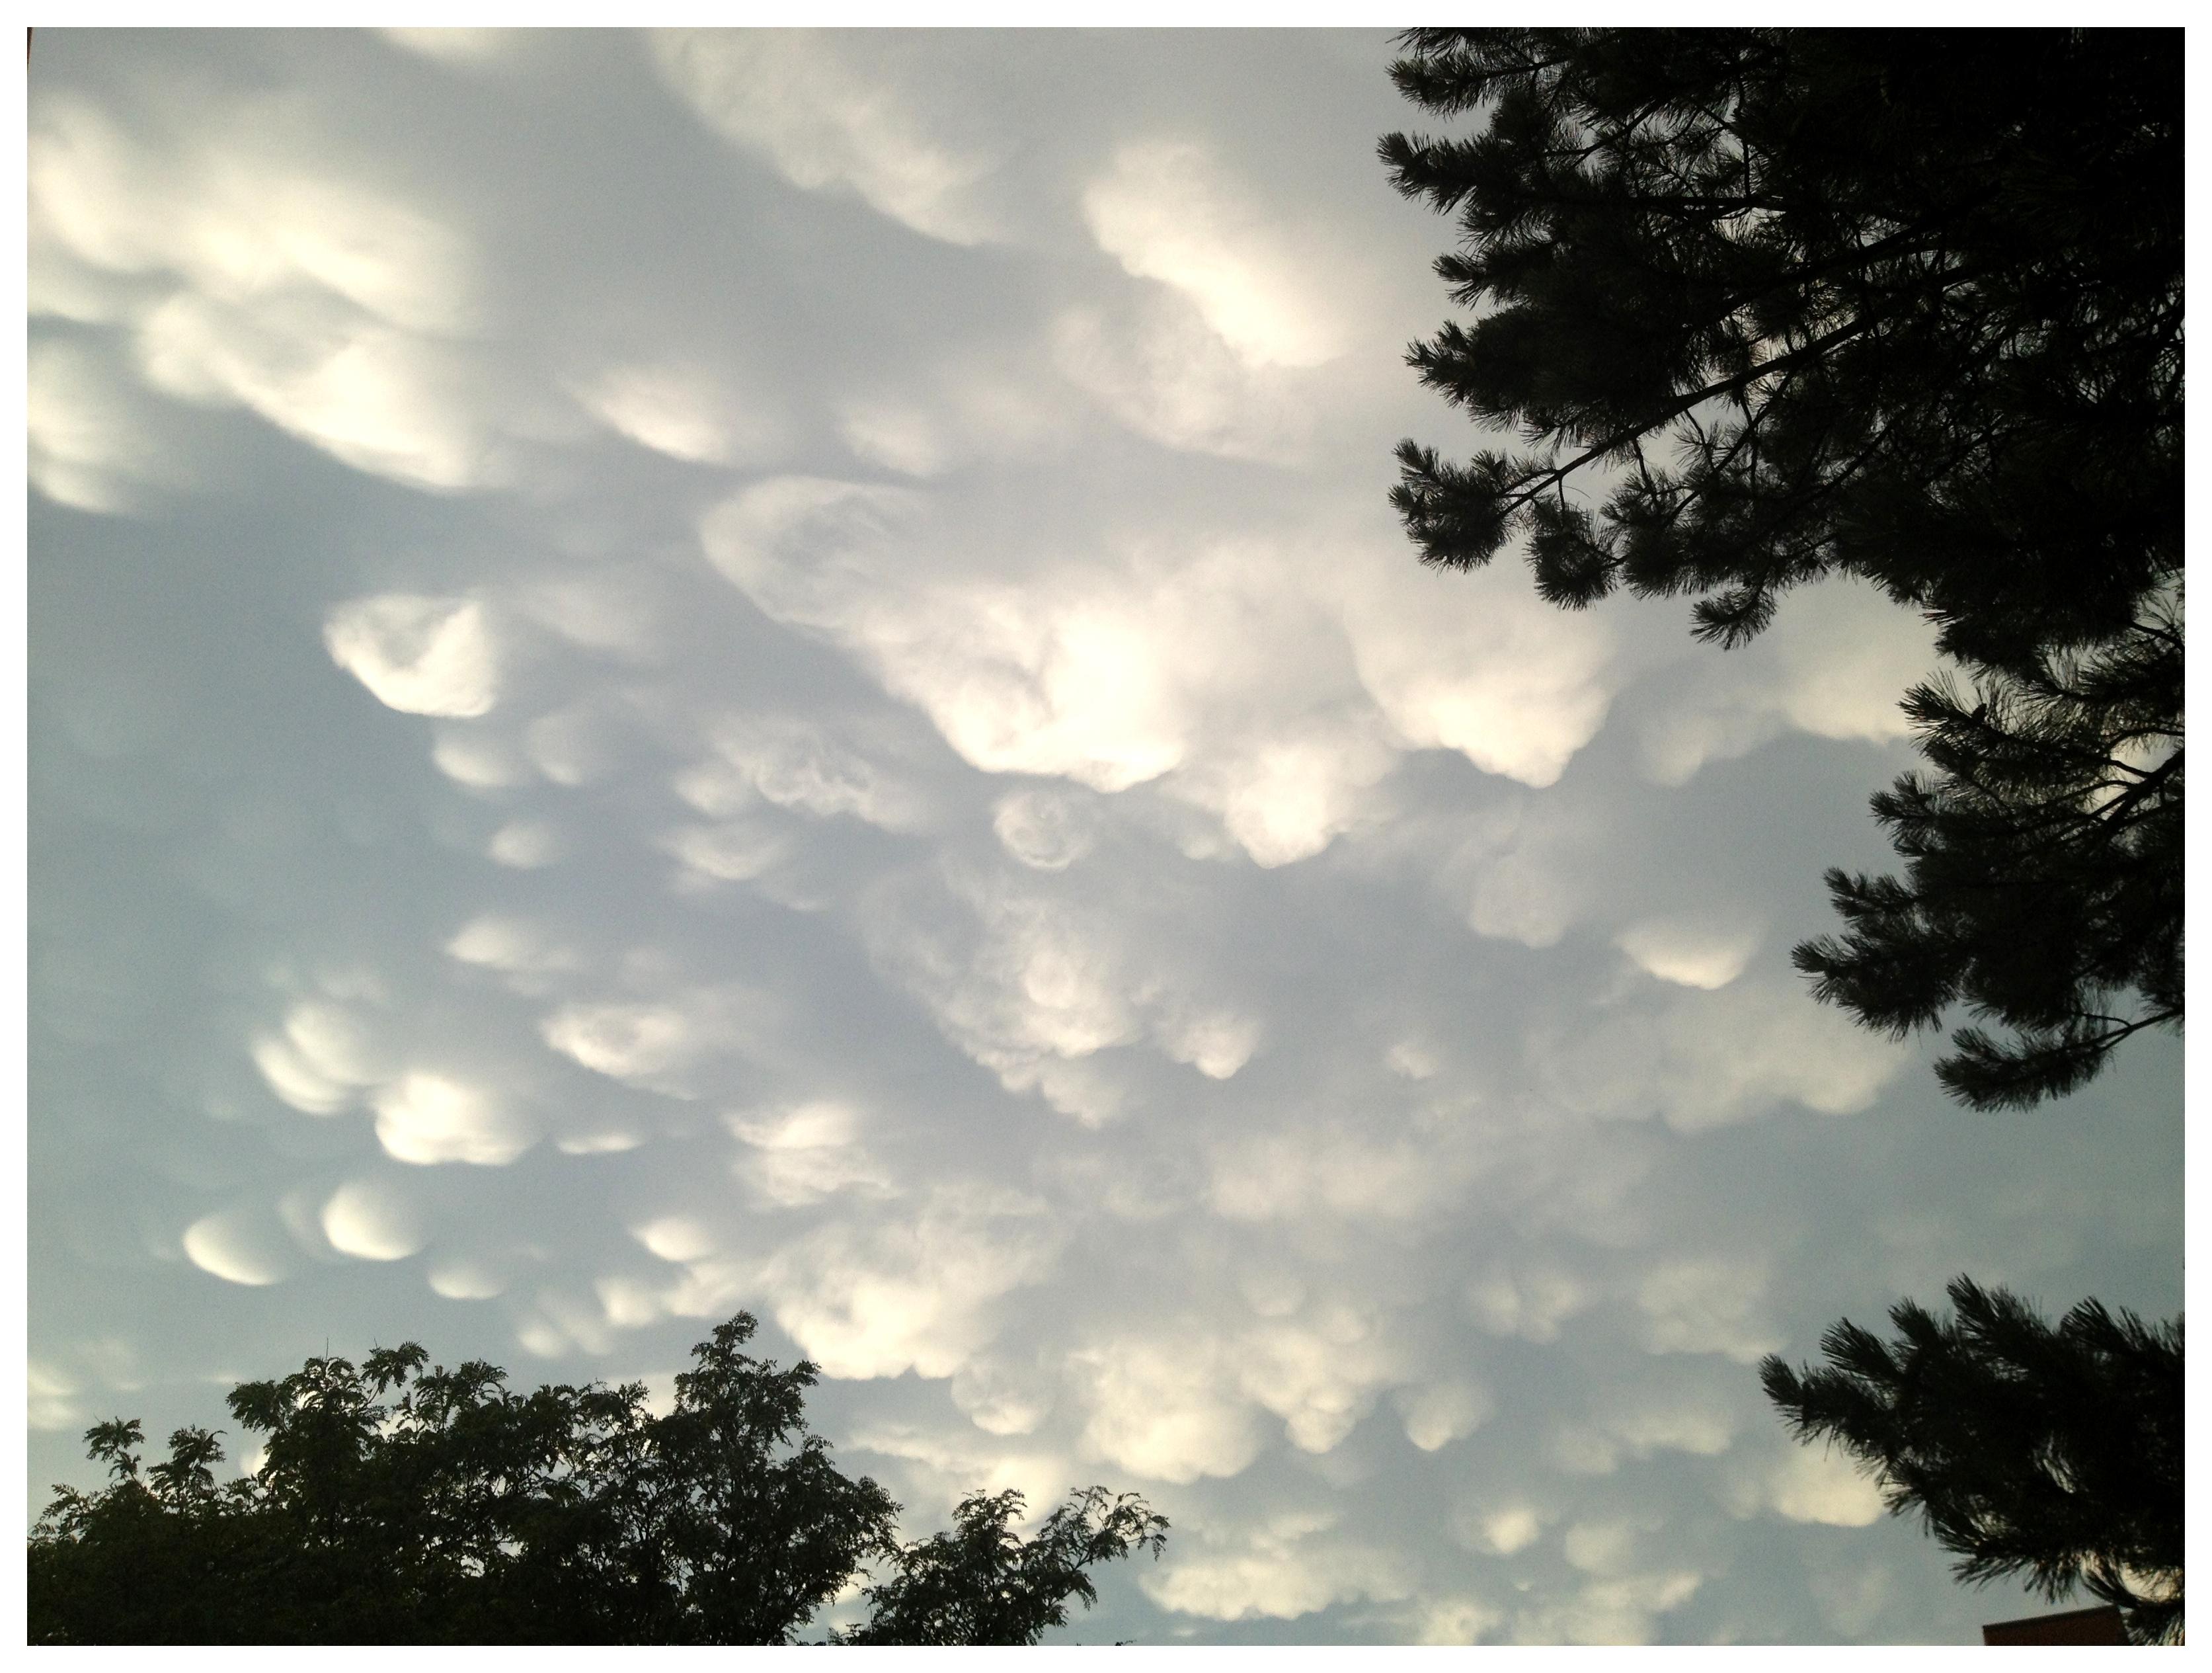 Wolken nach dem Sturm